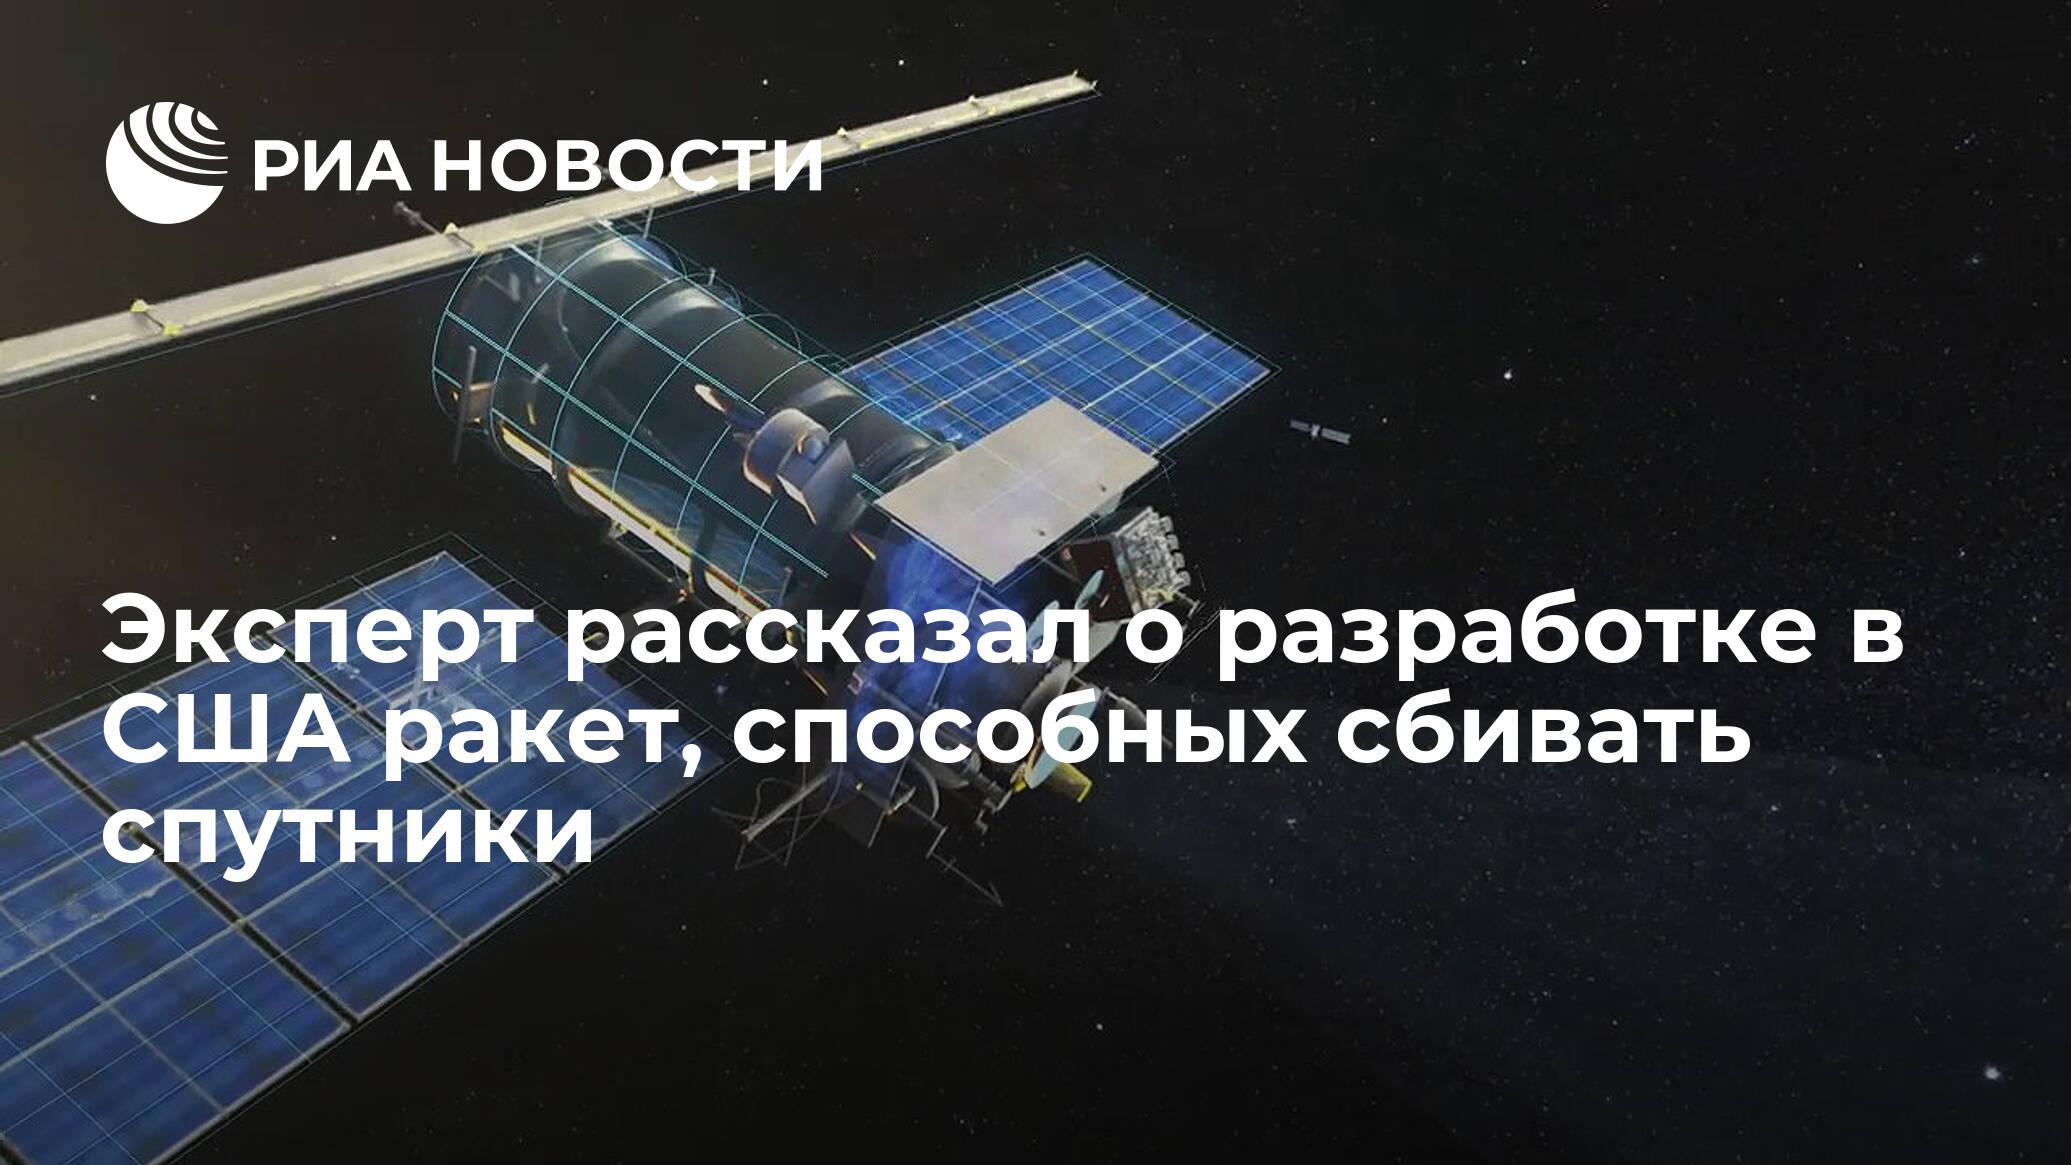 Эксперт рассказал о разработке в США ракет, способных сбивать спутники